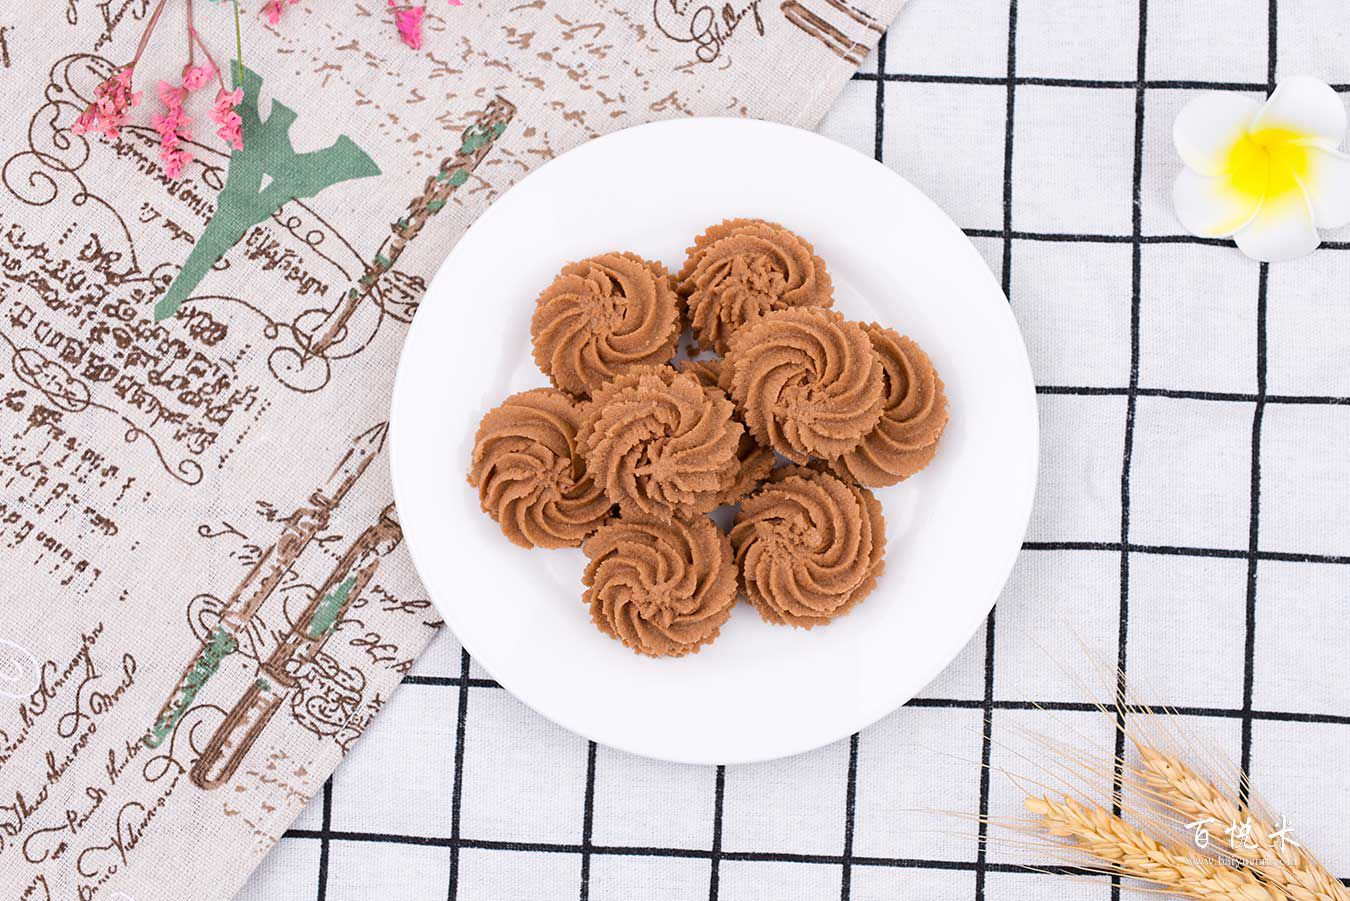 巧克力曲奇饼干高清图片大全【蛋糕图片】_444